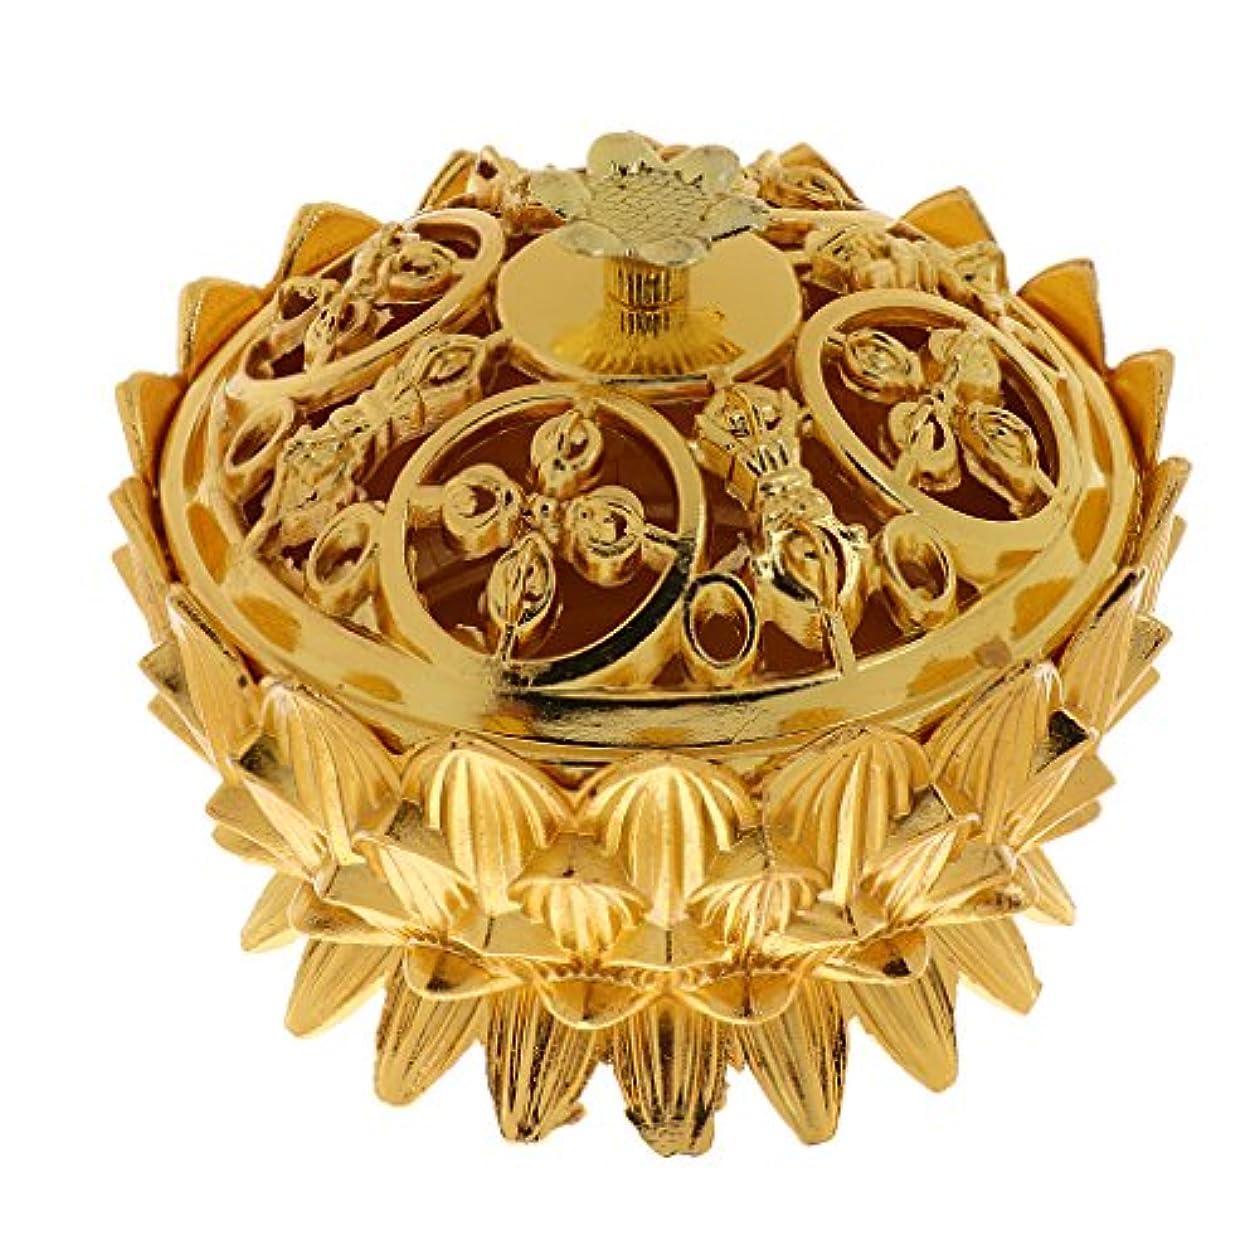 おしゃれじゃない受け入れたトライアスロン仏教 チベット 蓮 香りバーナー 香炉 金属 工芸品 家 装飾 全3選択 - #3